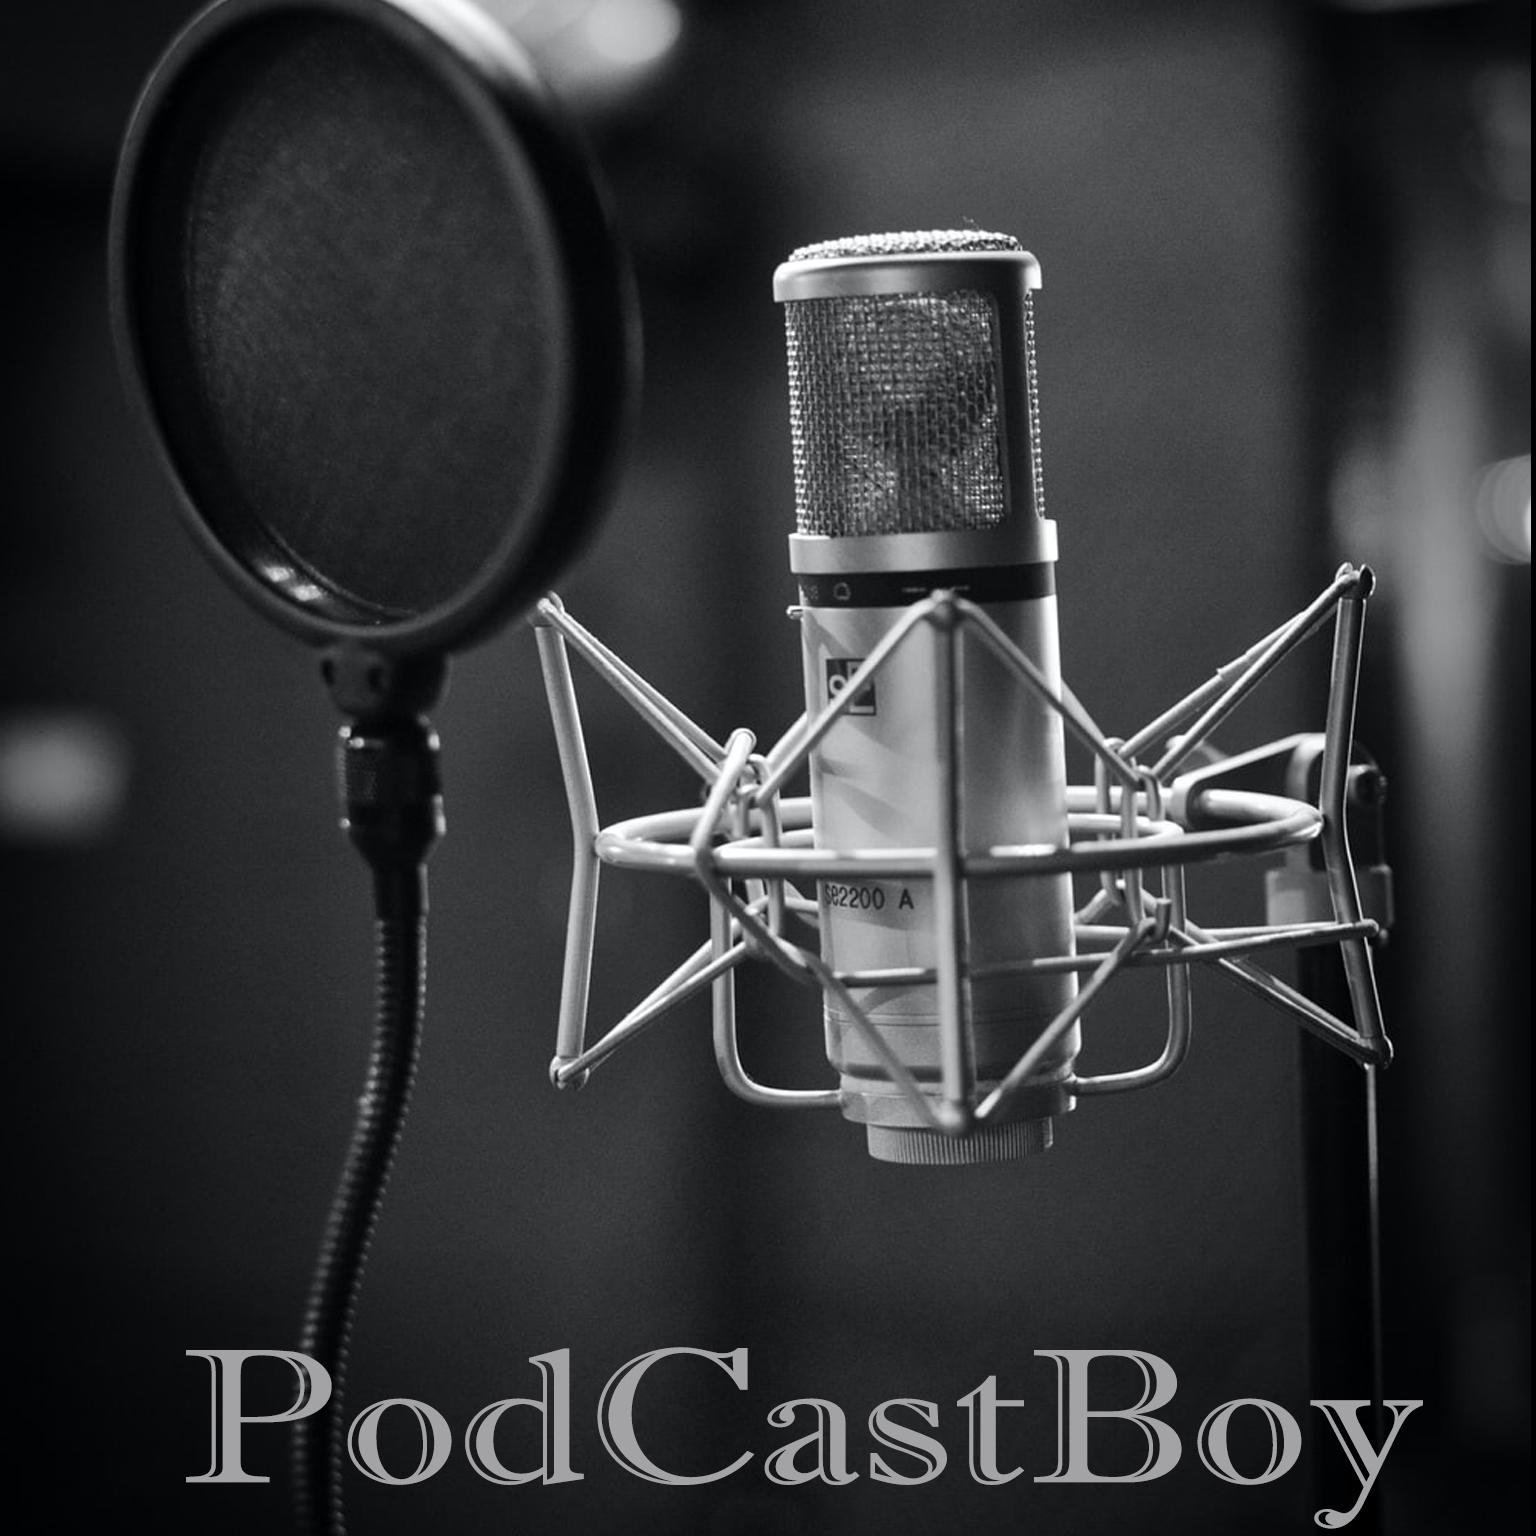 Podcastboy